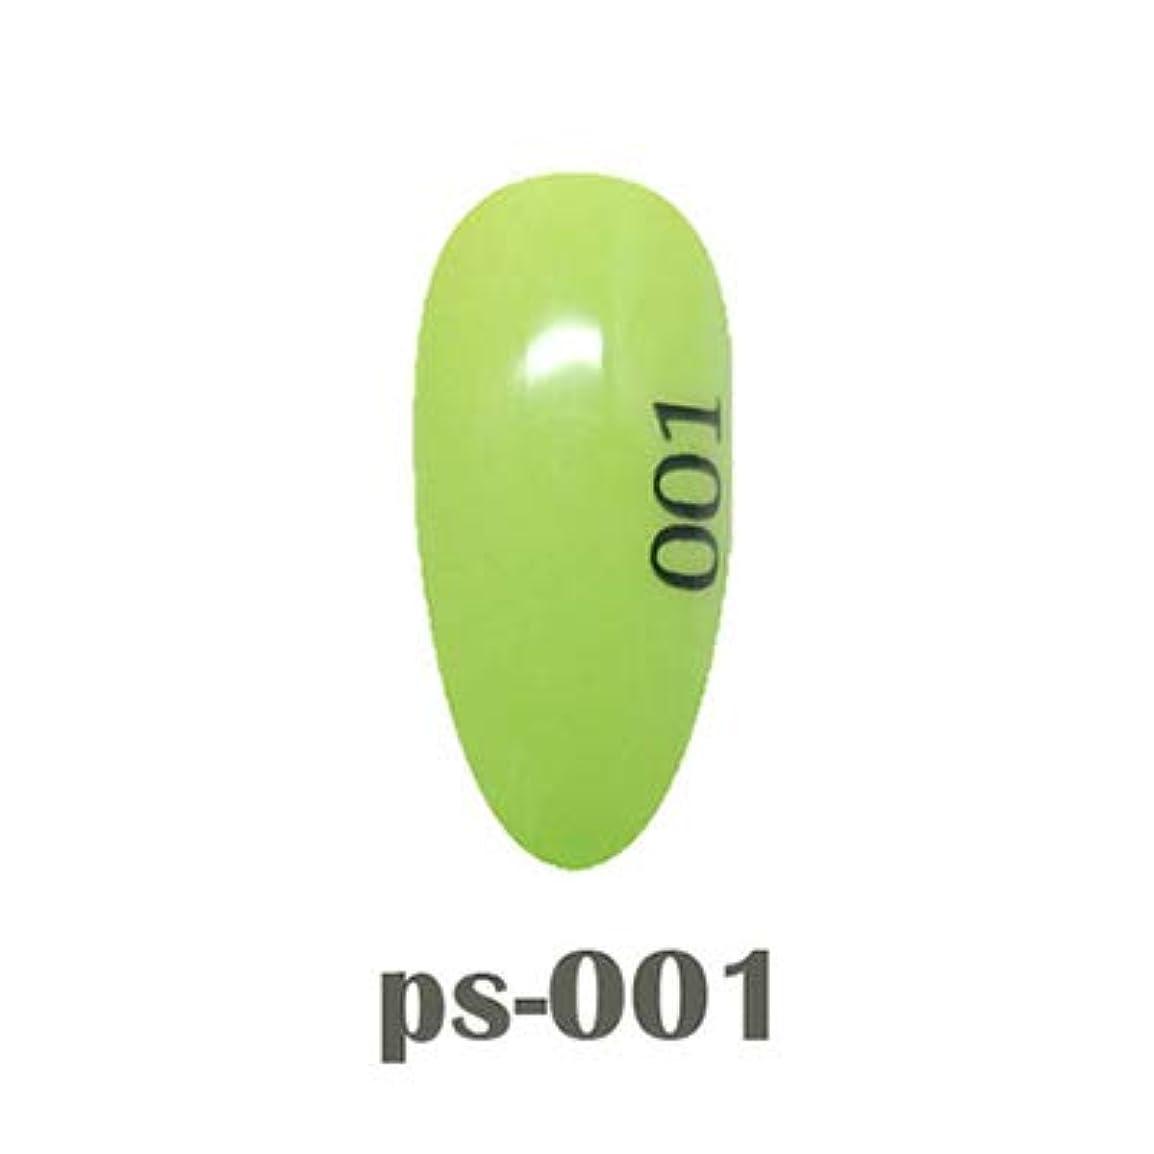 とらえどころのないアリーナ擬人化アイスジェル カラージェル ポイントパステルシリーズ PP-001 3g